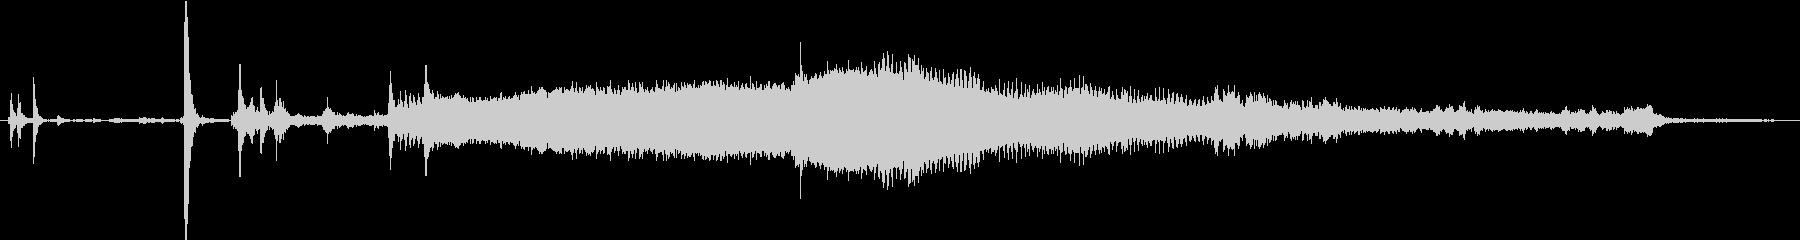 GmキャデラックCts:内線:ガレ...の未再生の波形